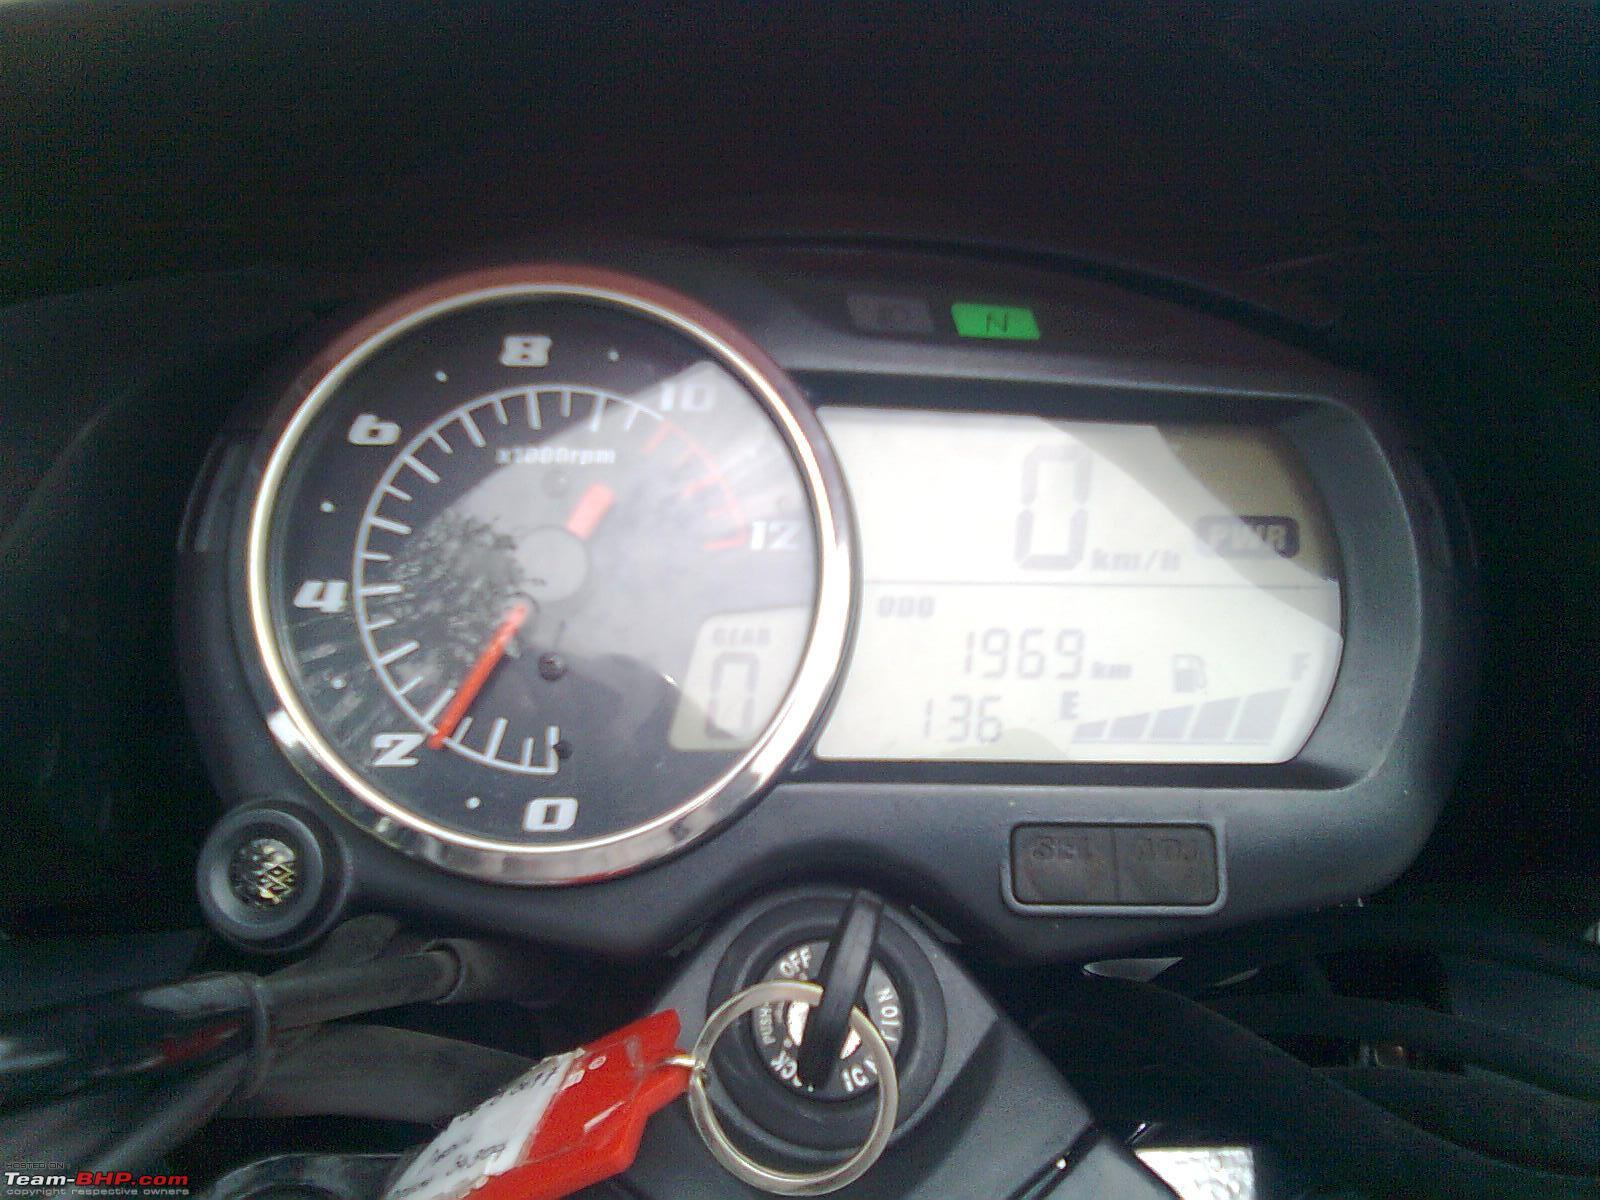 Review of Suzuki GS 150R - Team-BHP